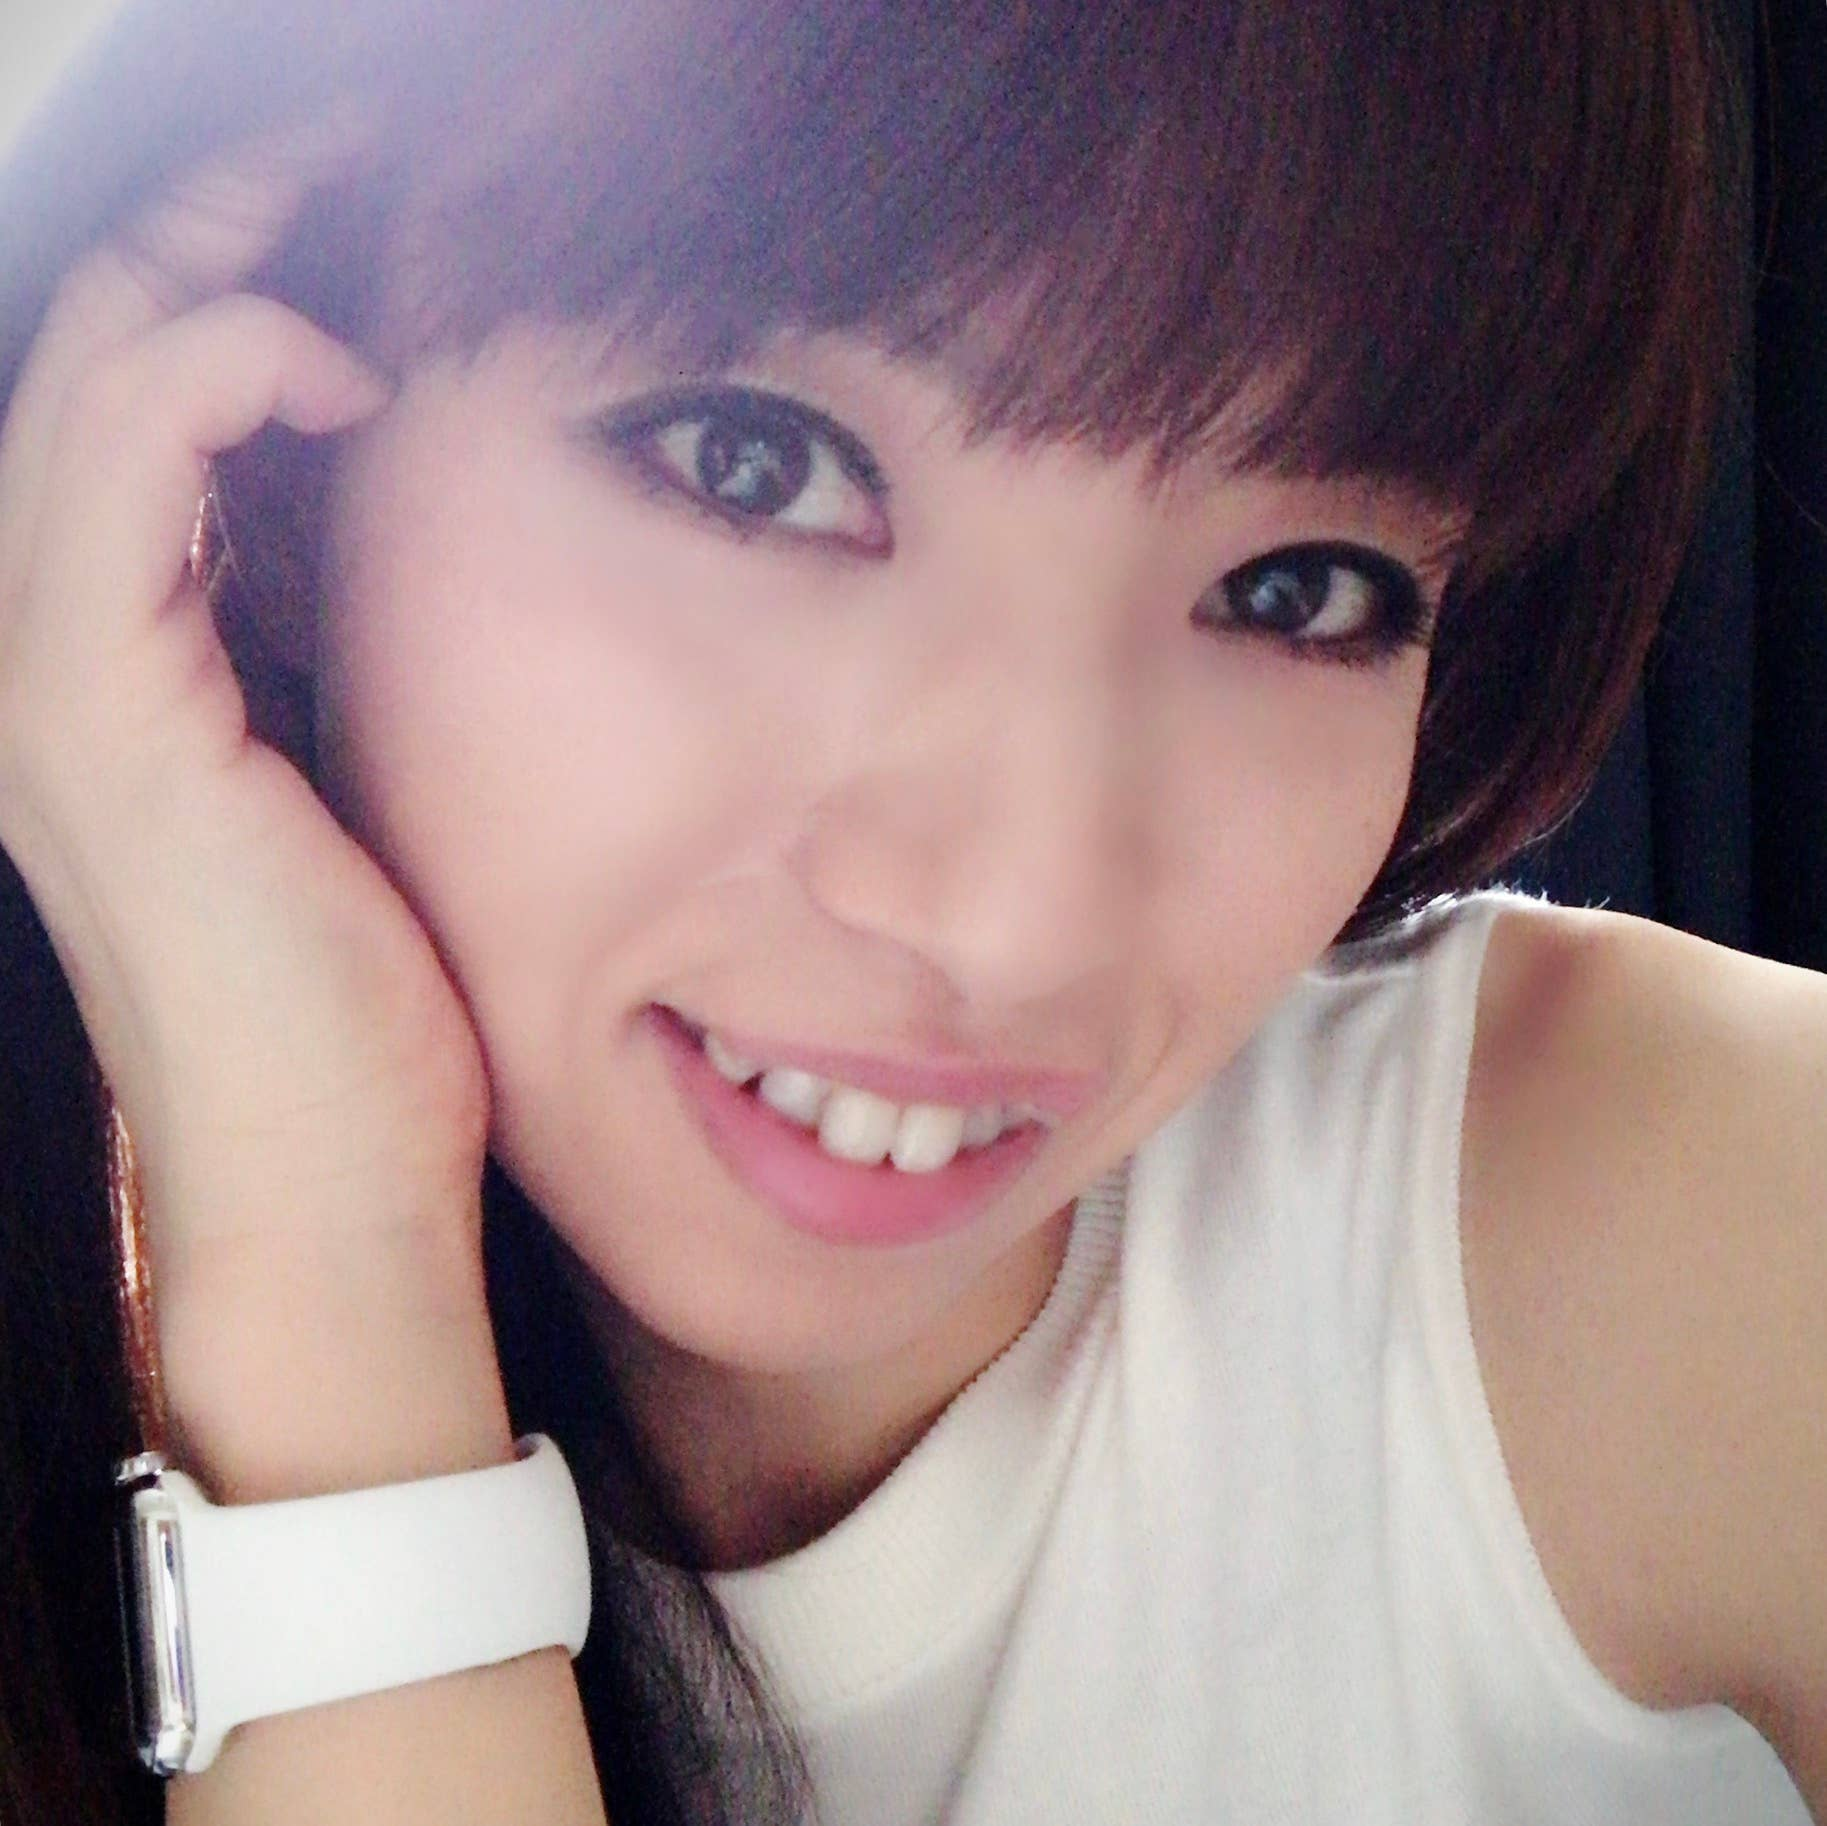 Maimi Yamamoto